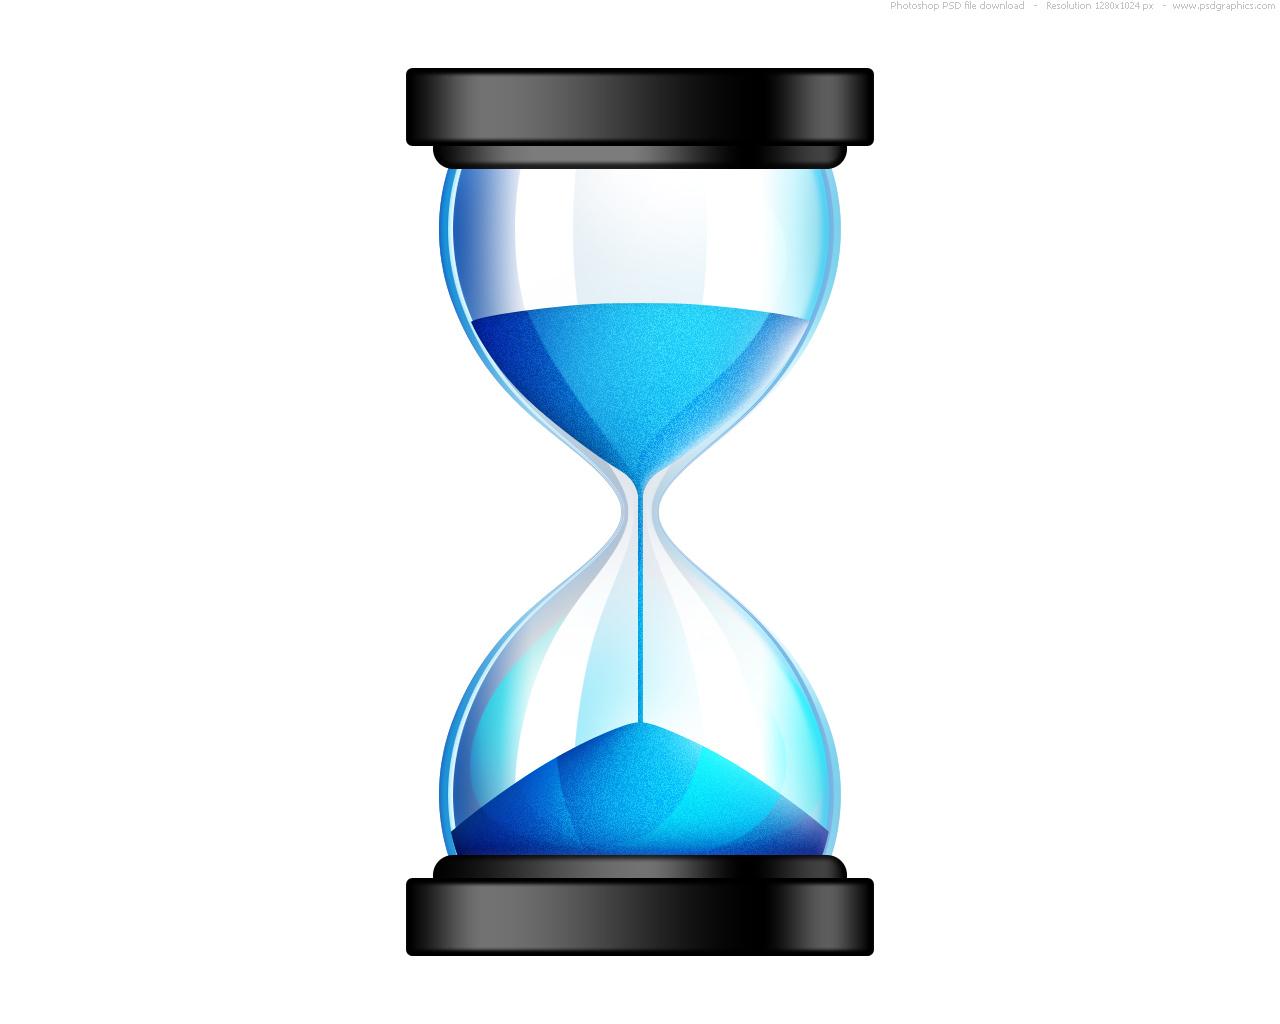 http://2.bp.blogspot.com/-EY2GZA_uydI/TtZ4XzhKWfI/AAAAAAAAA0U/CeKJk3hQkb0/s1600/hourglass-icon.jpg